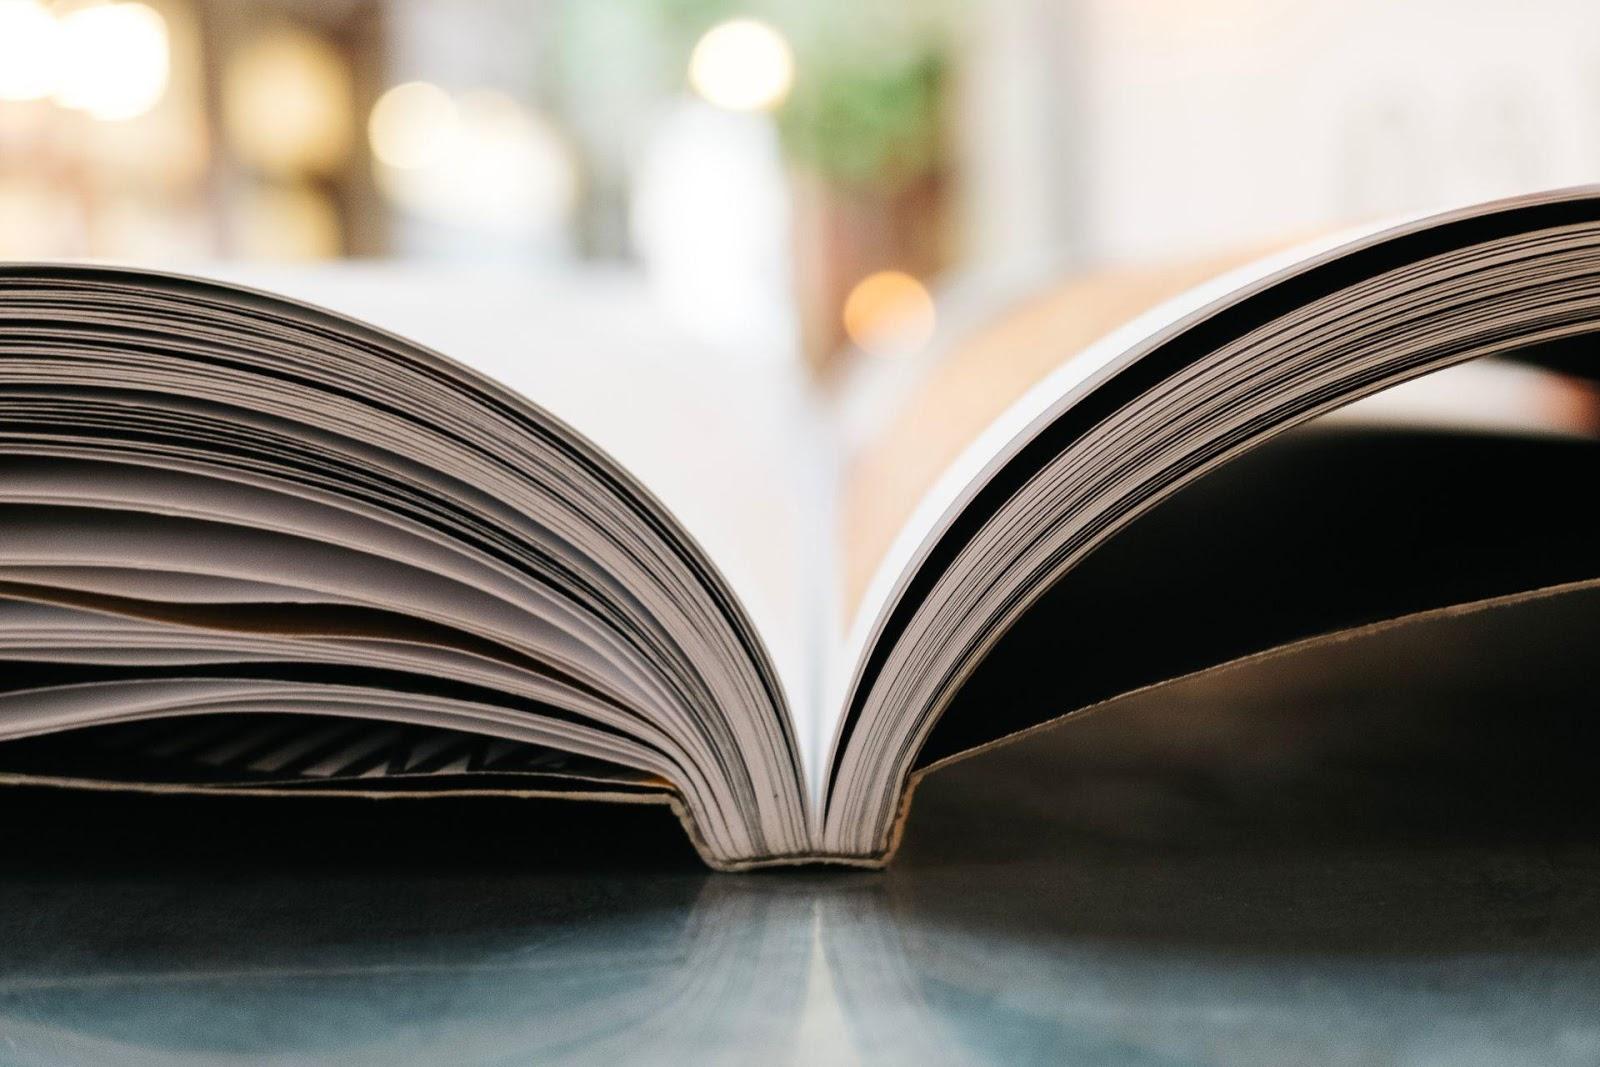 Wciąż o Witkacym głoszą... Nowe dokonania w badaniach nad życiem i twórczością autora Nienasycenia